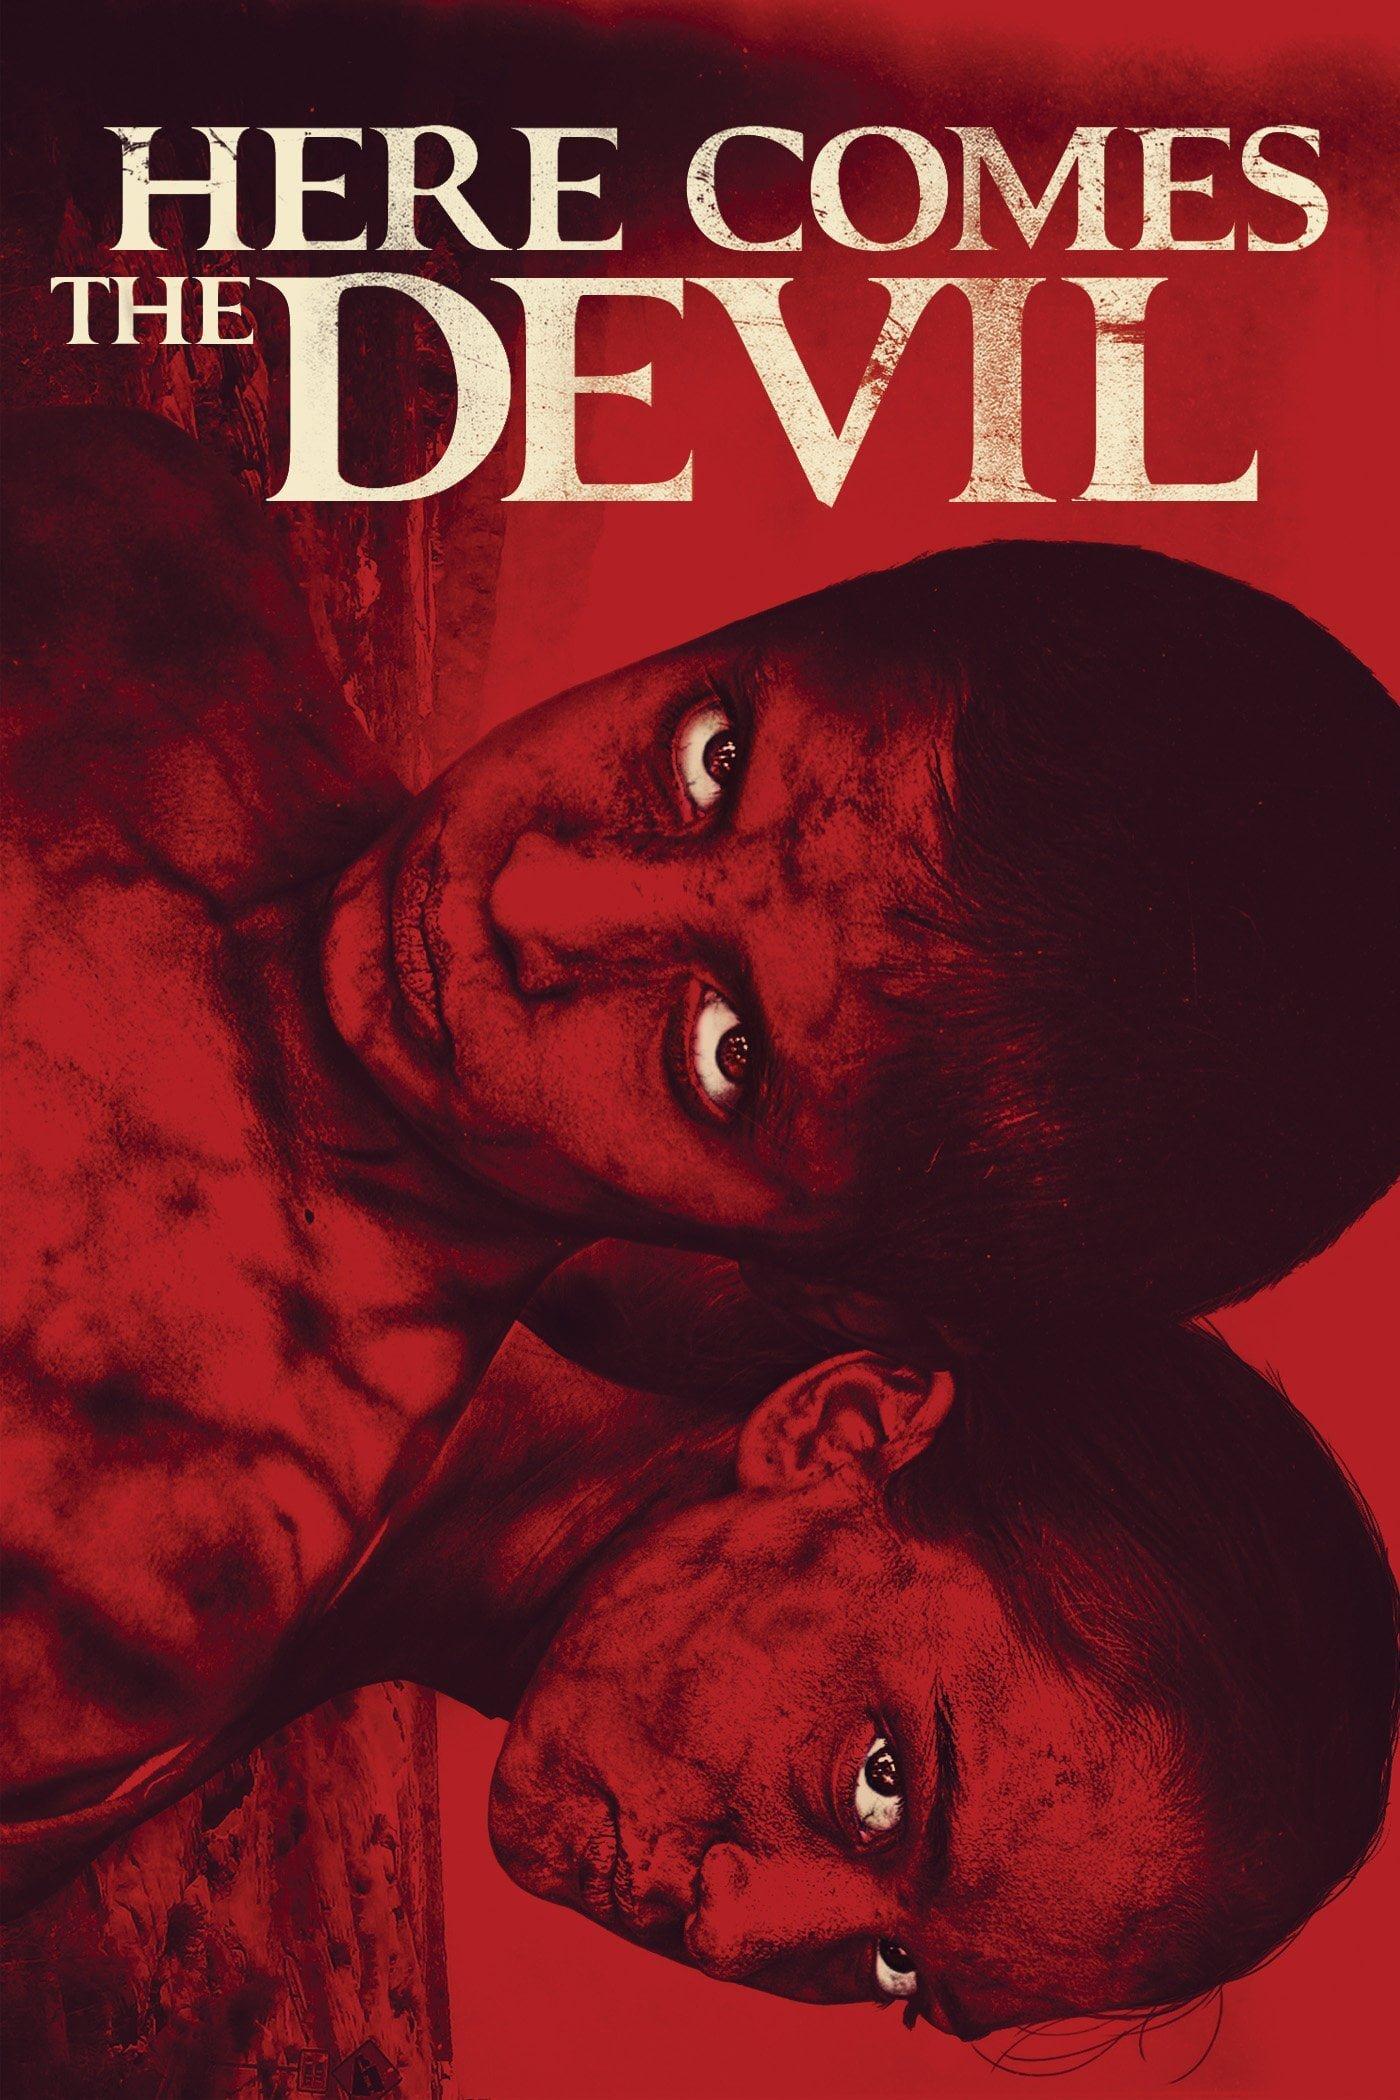 Here Comes the Devil